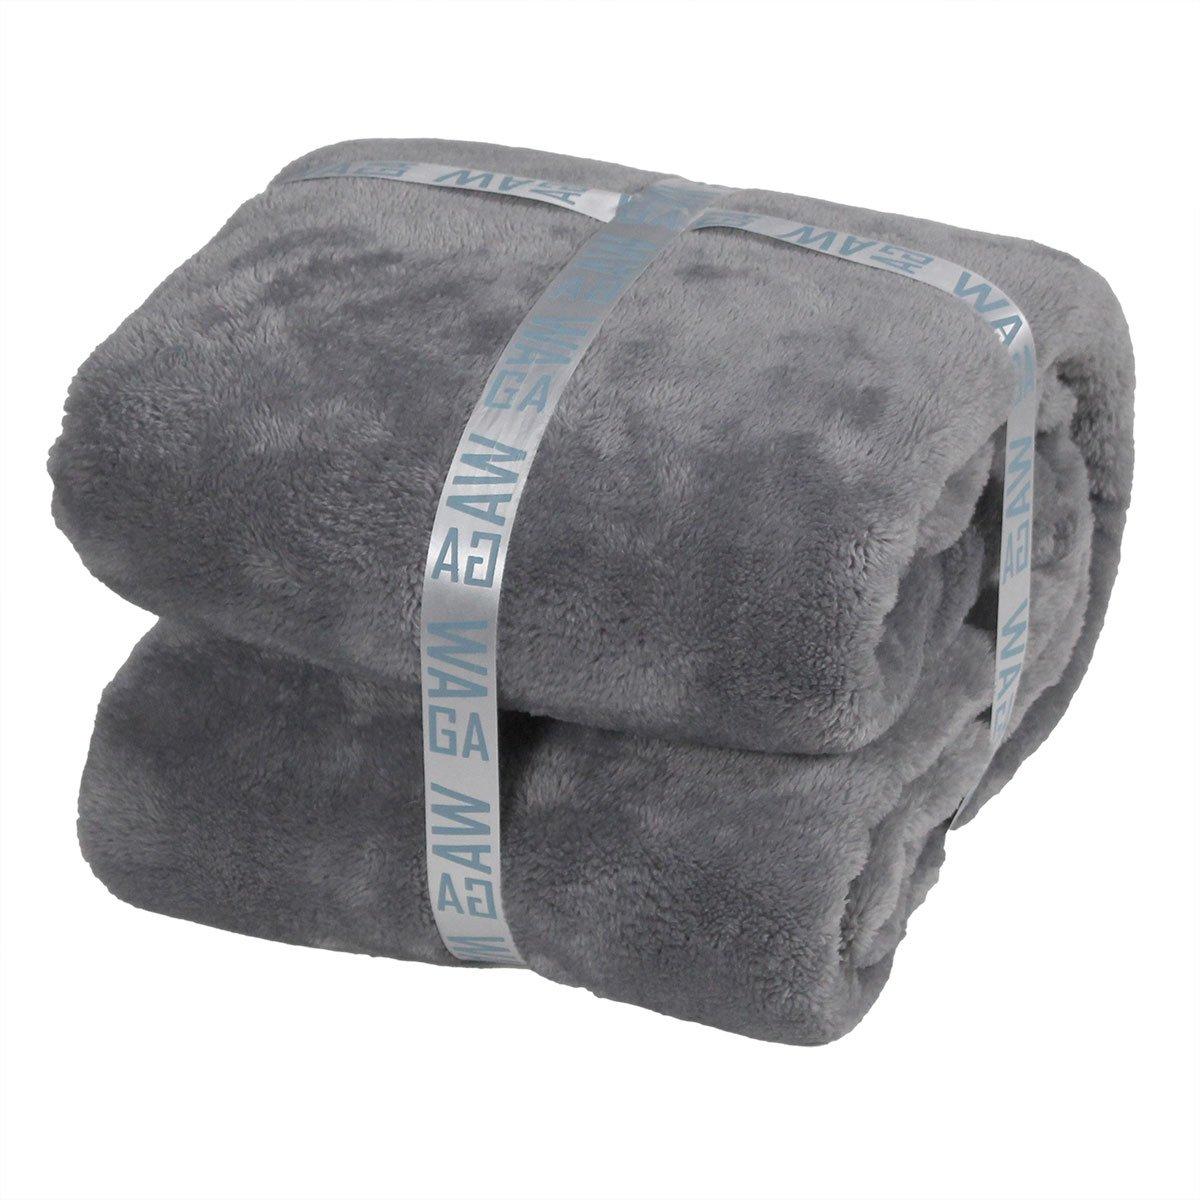 Throw Blanket WAGA - Cozy/Fluffy Plush Double Side 50 x 60 (Aqua)